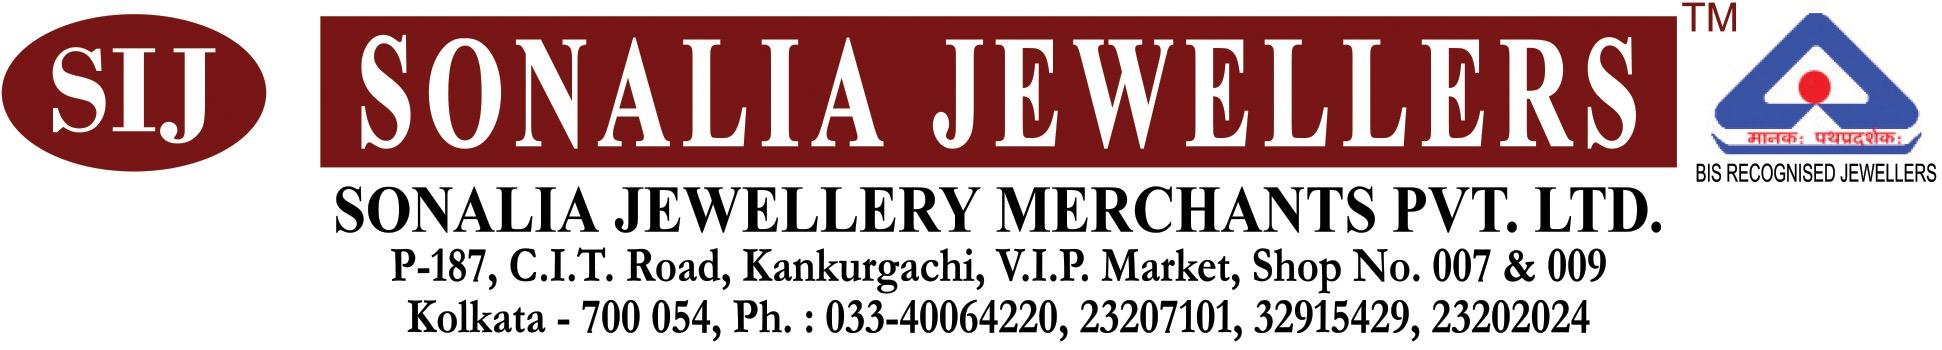 Sonalia Jewellers